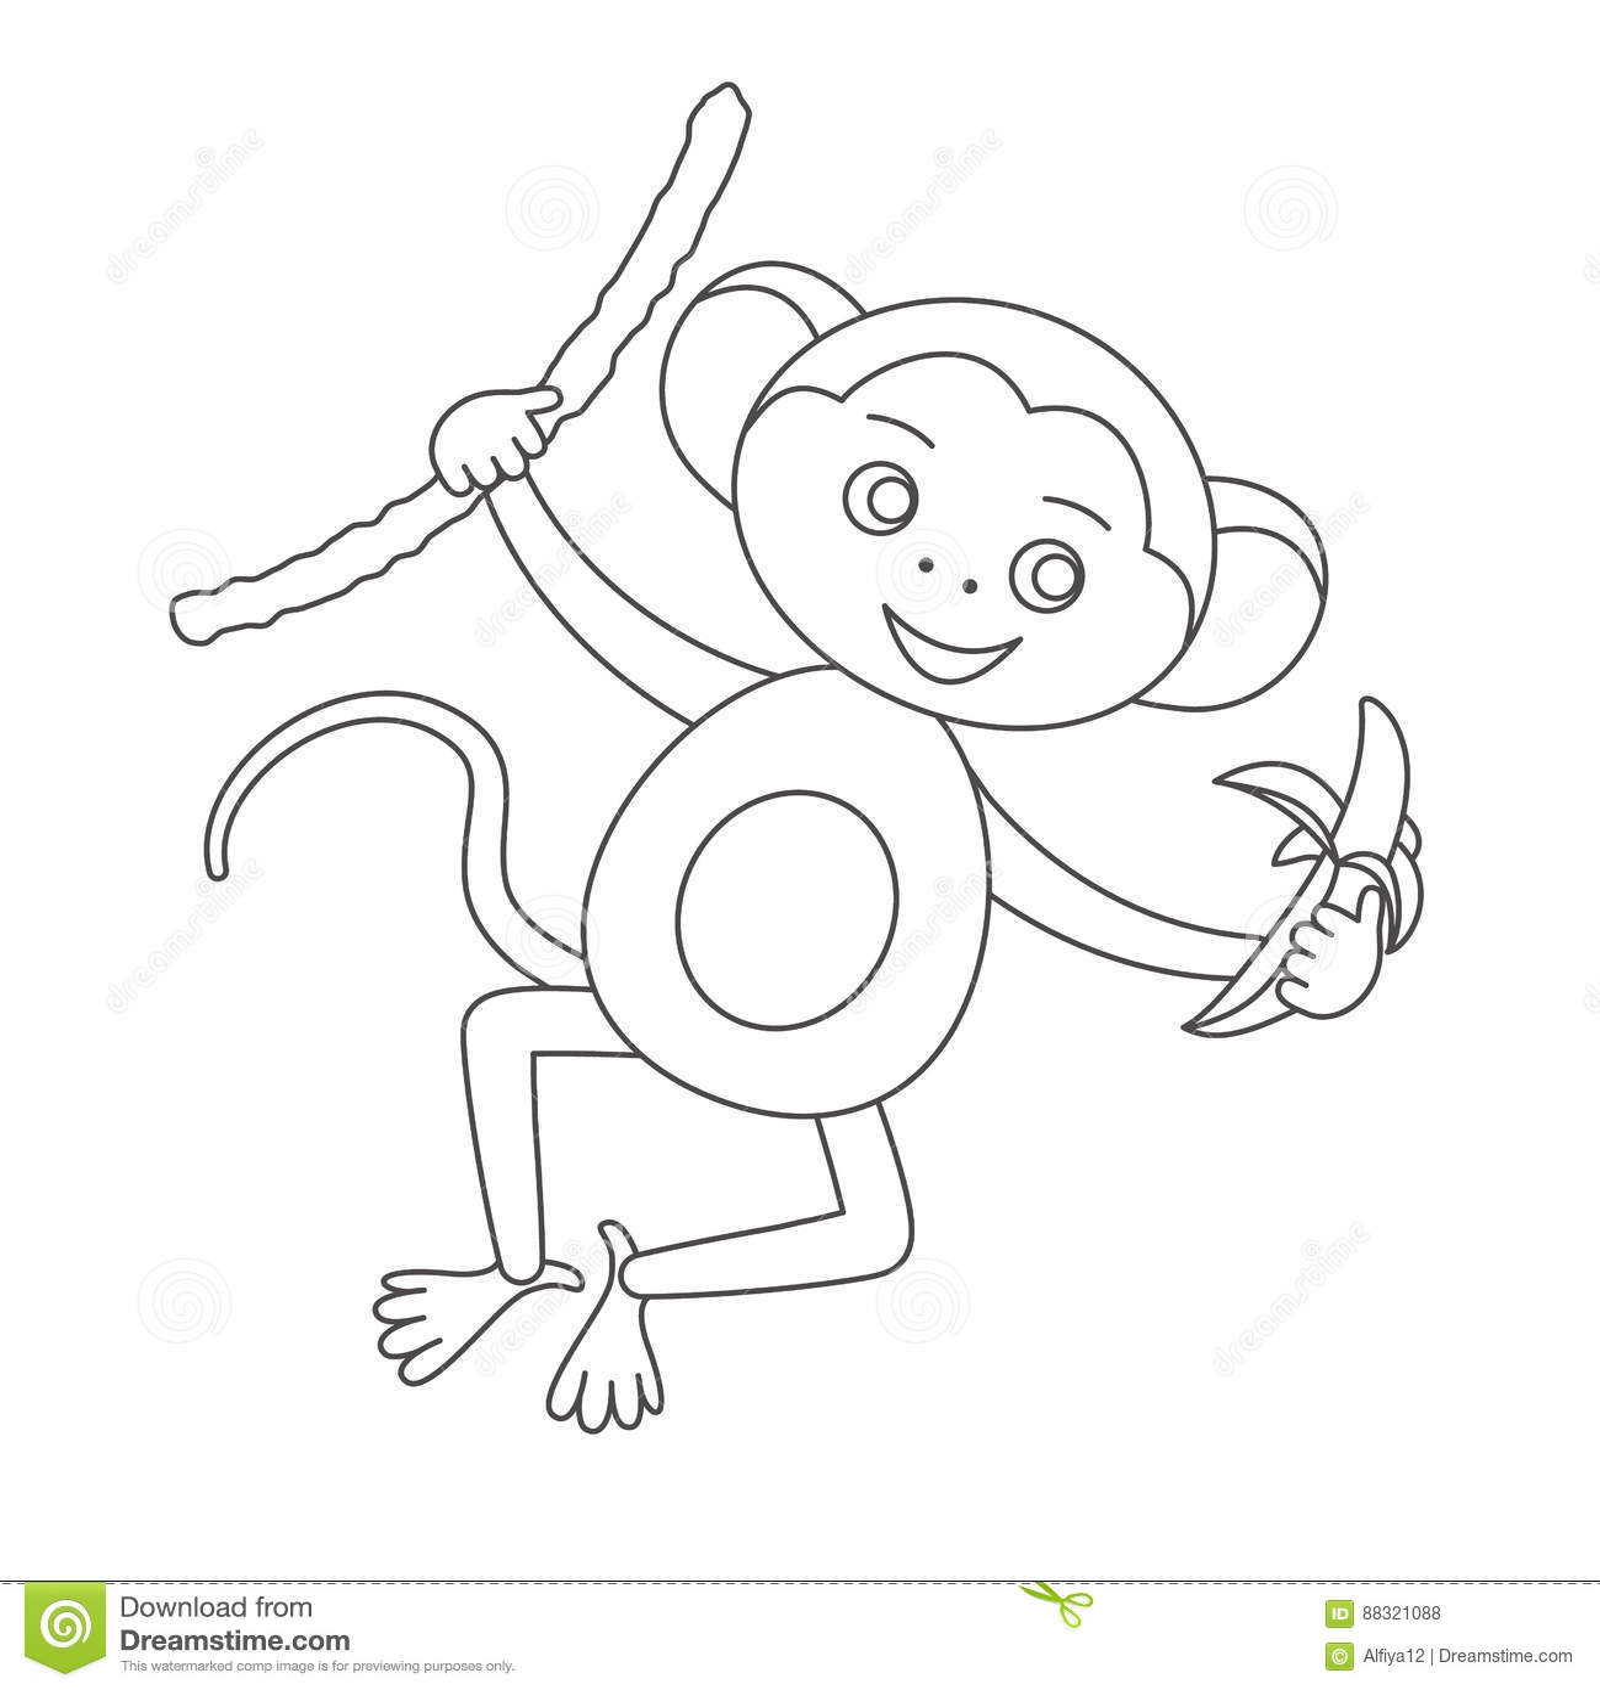 Schön Malvorlagen Von Baby Affen Bilder - Malvorlagen Ideen ...